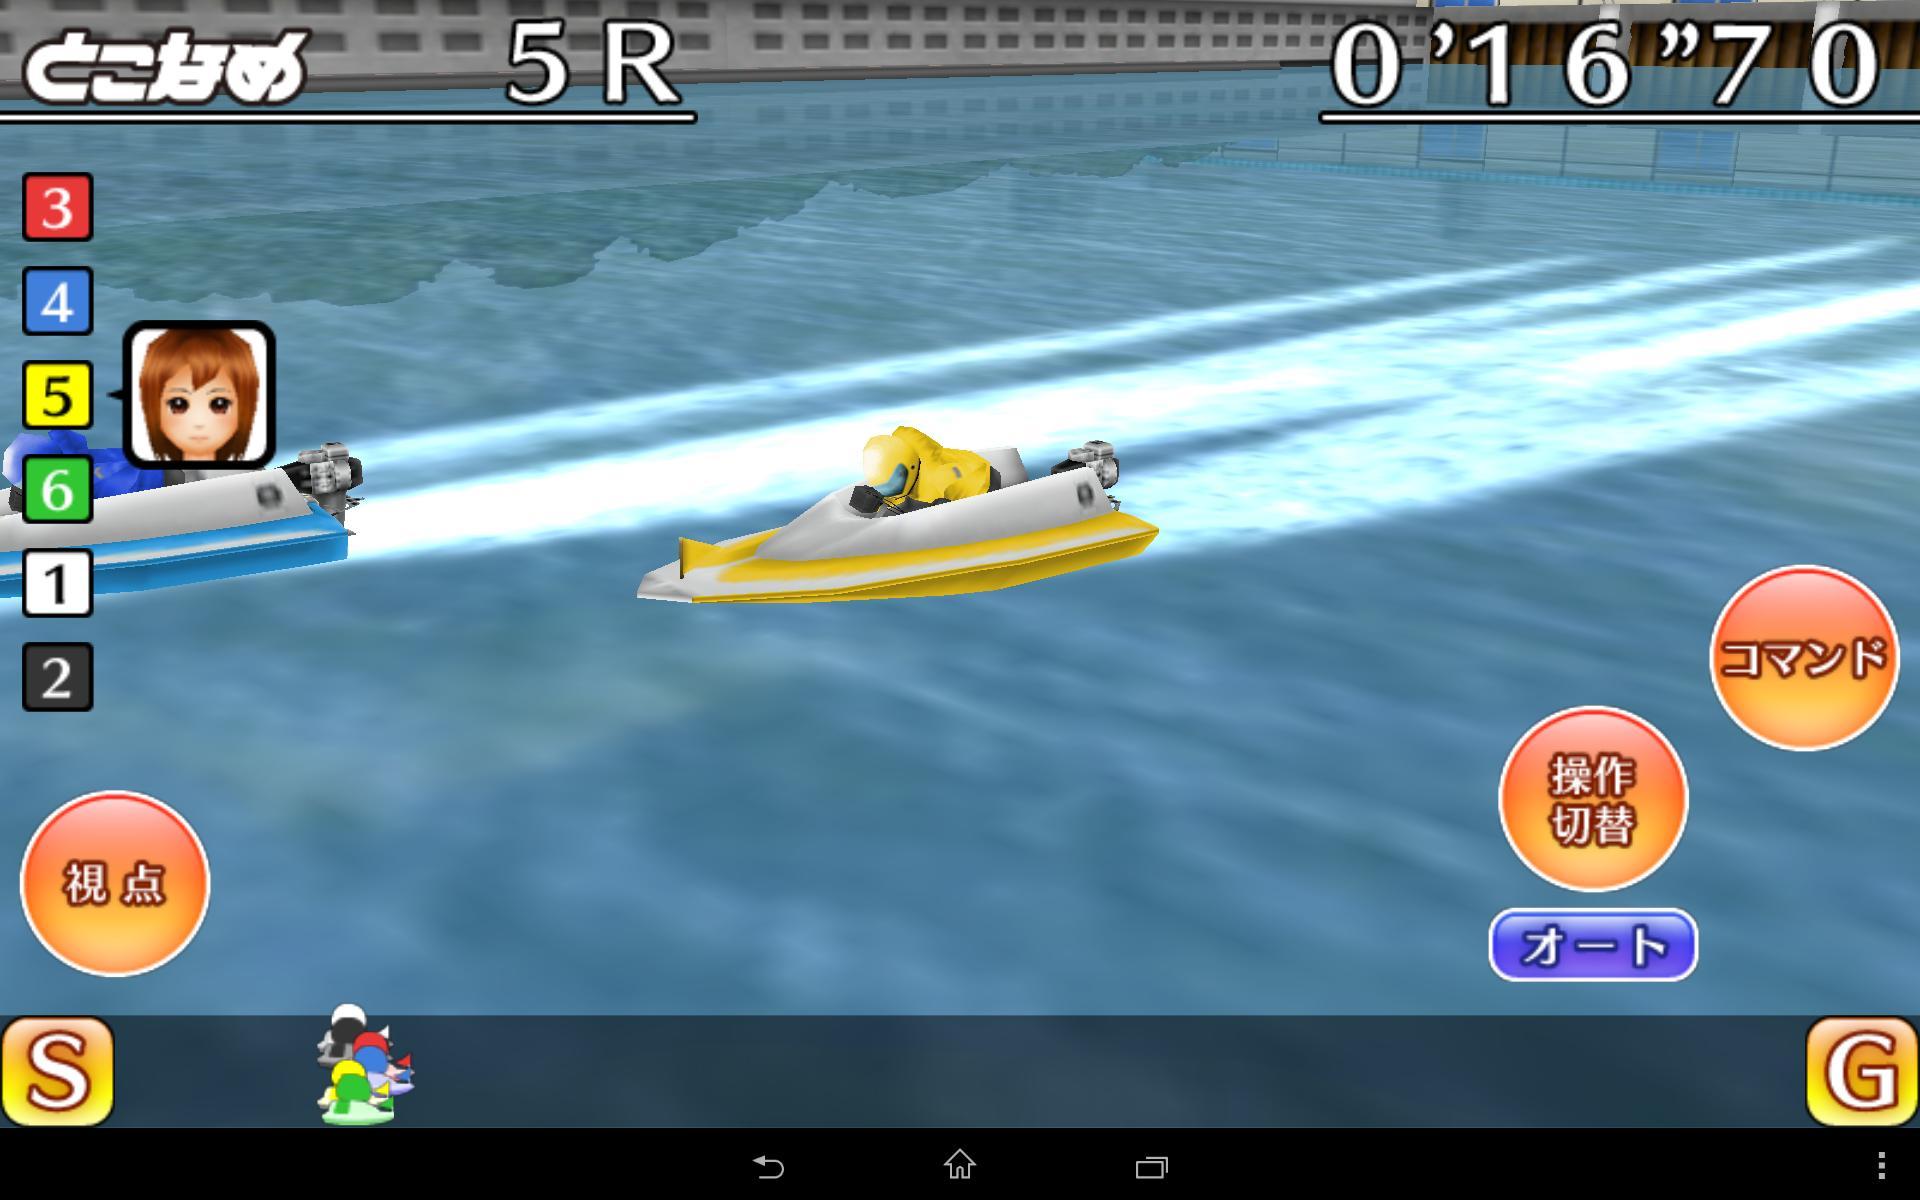 レース アプリ ボート